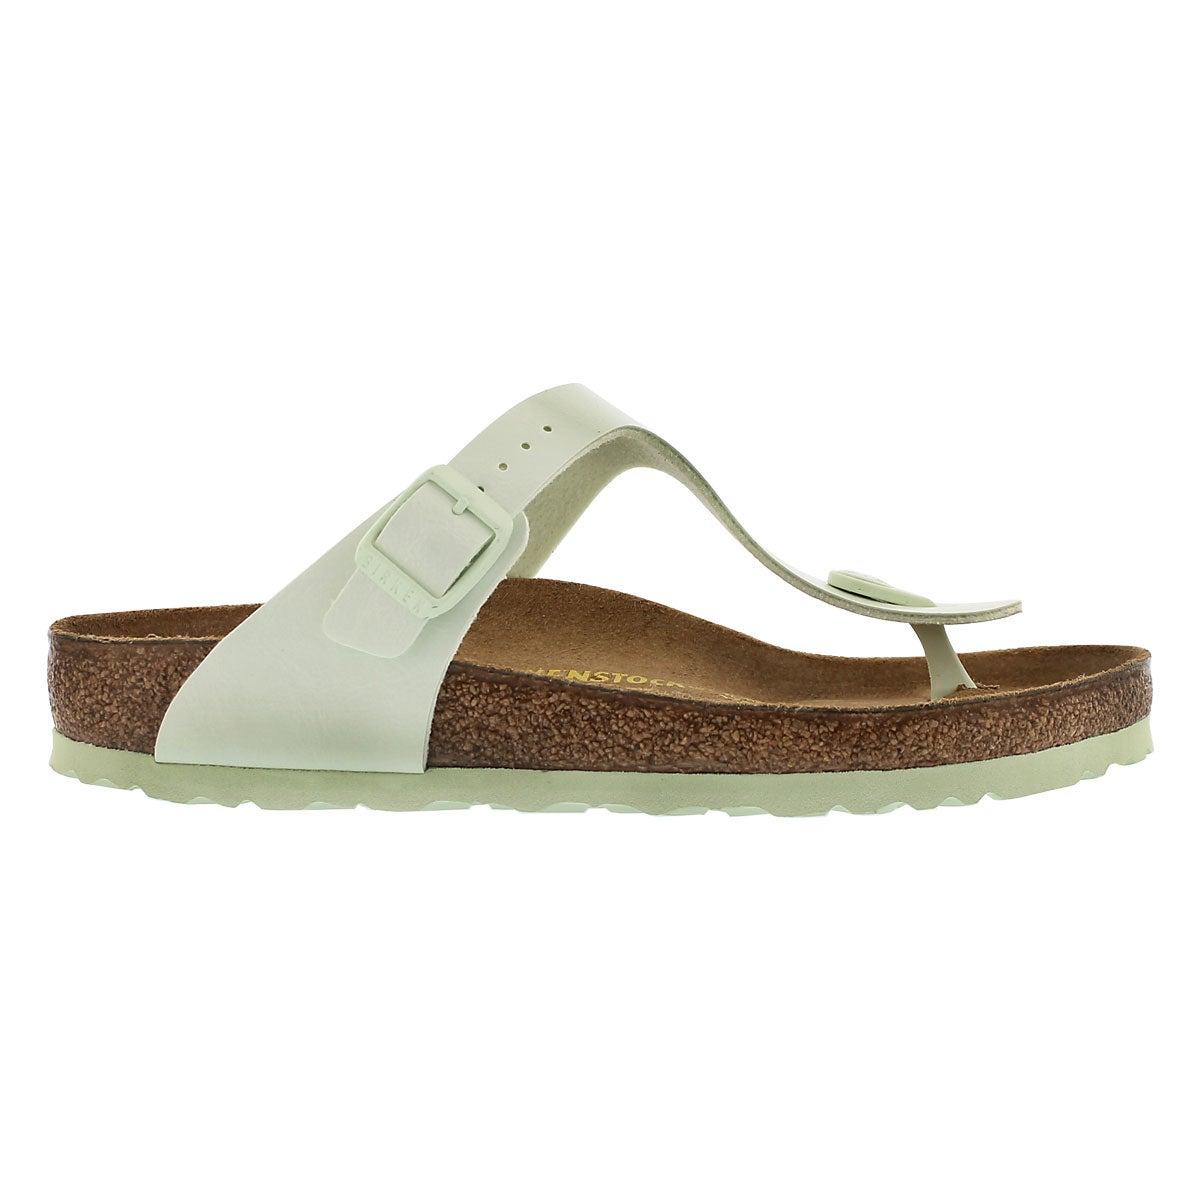 Lds Gizeh mint thong sandal